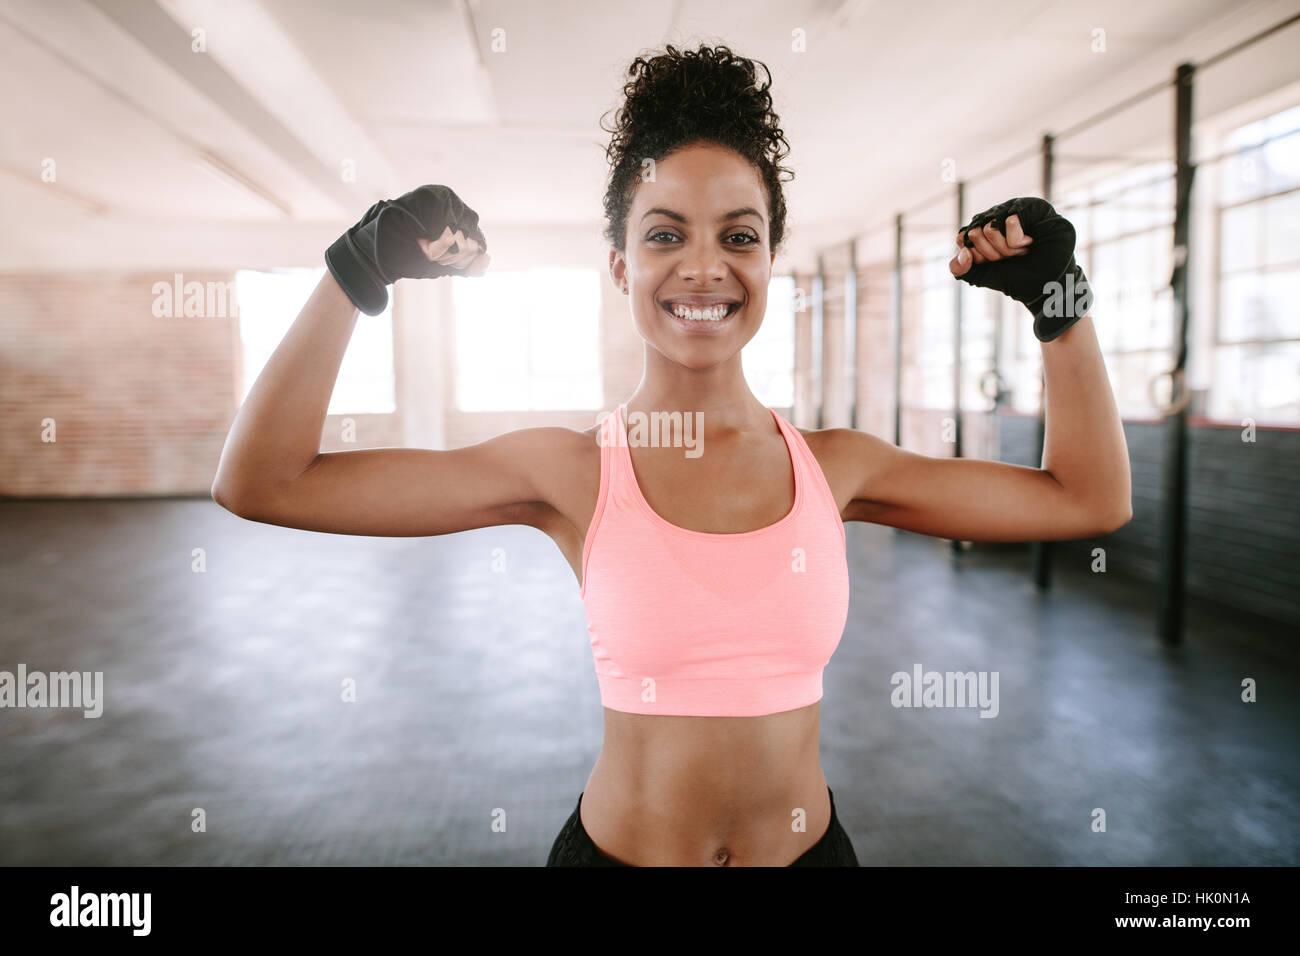 Porträt des jungen Fitness Frau Muskeln und lächelnd. Afrikanische weibliches Modell in der Sportswear Stockbild